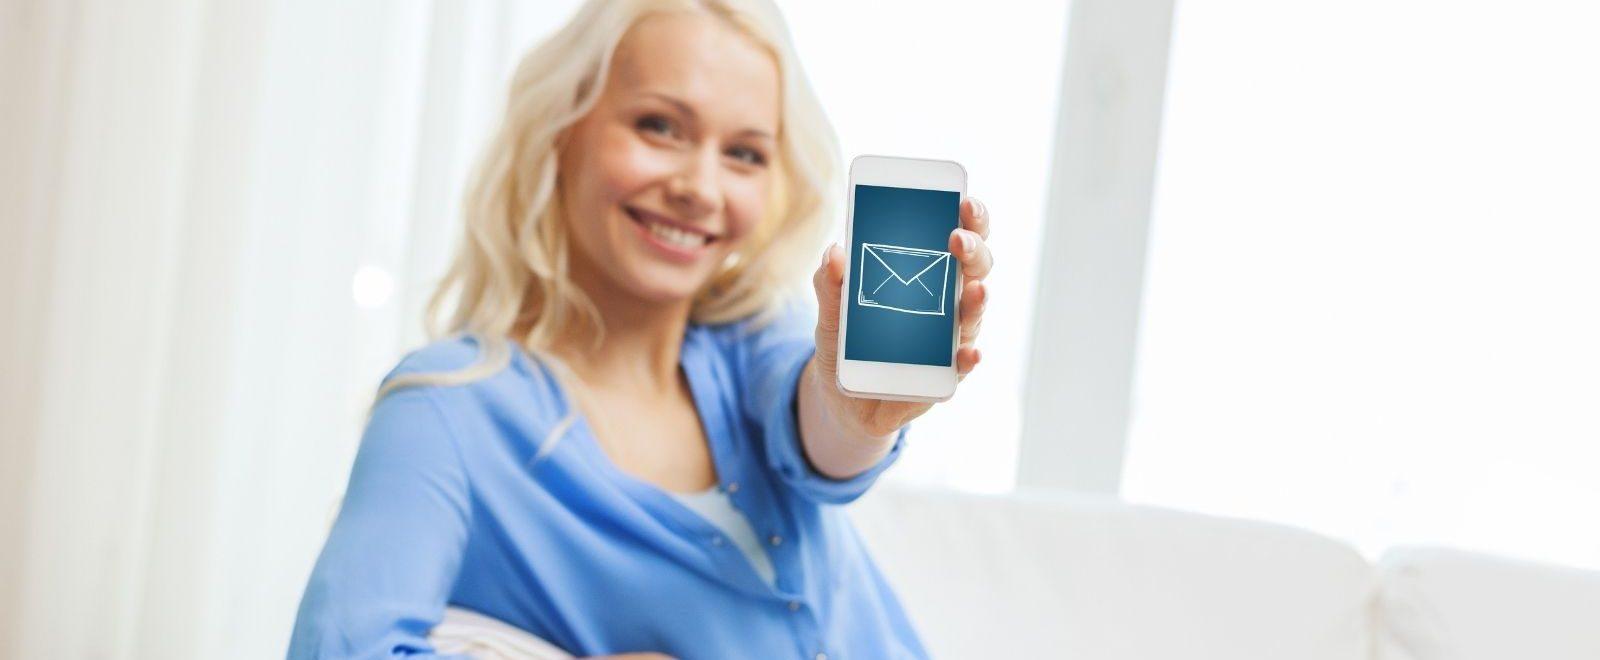 Come aumentare iscrizioni alla newsletter: donna sorridente riceve email